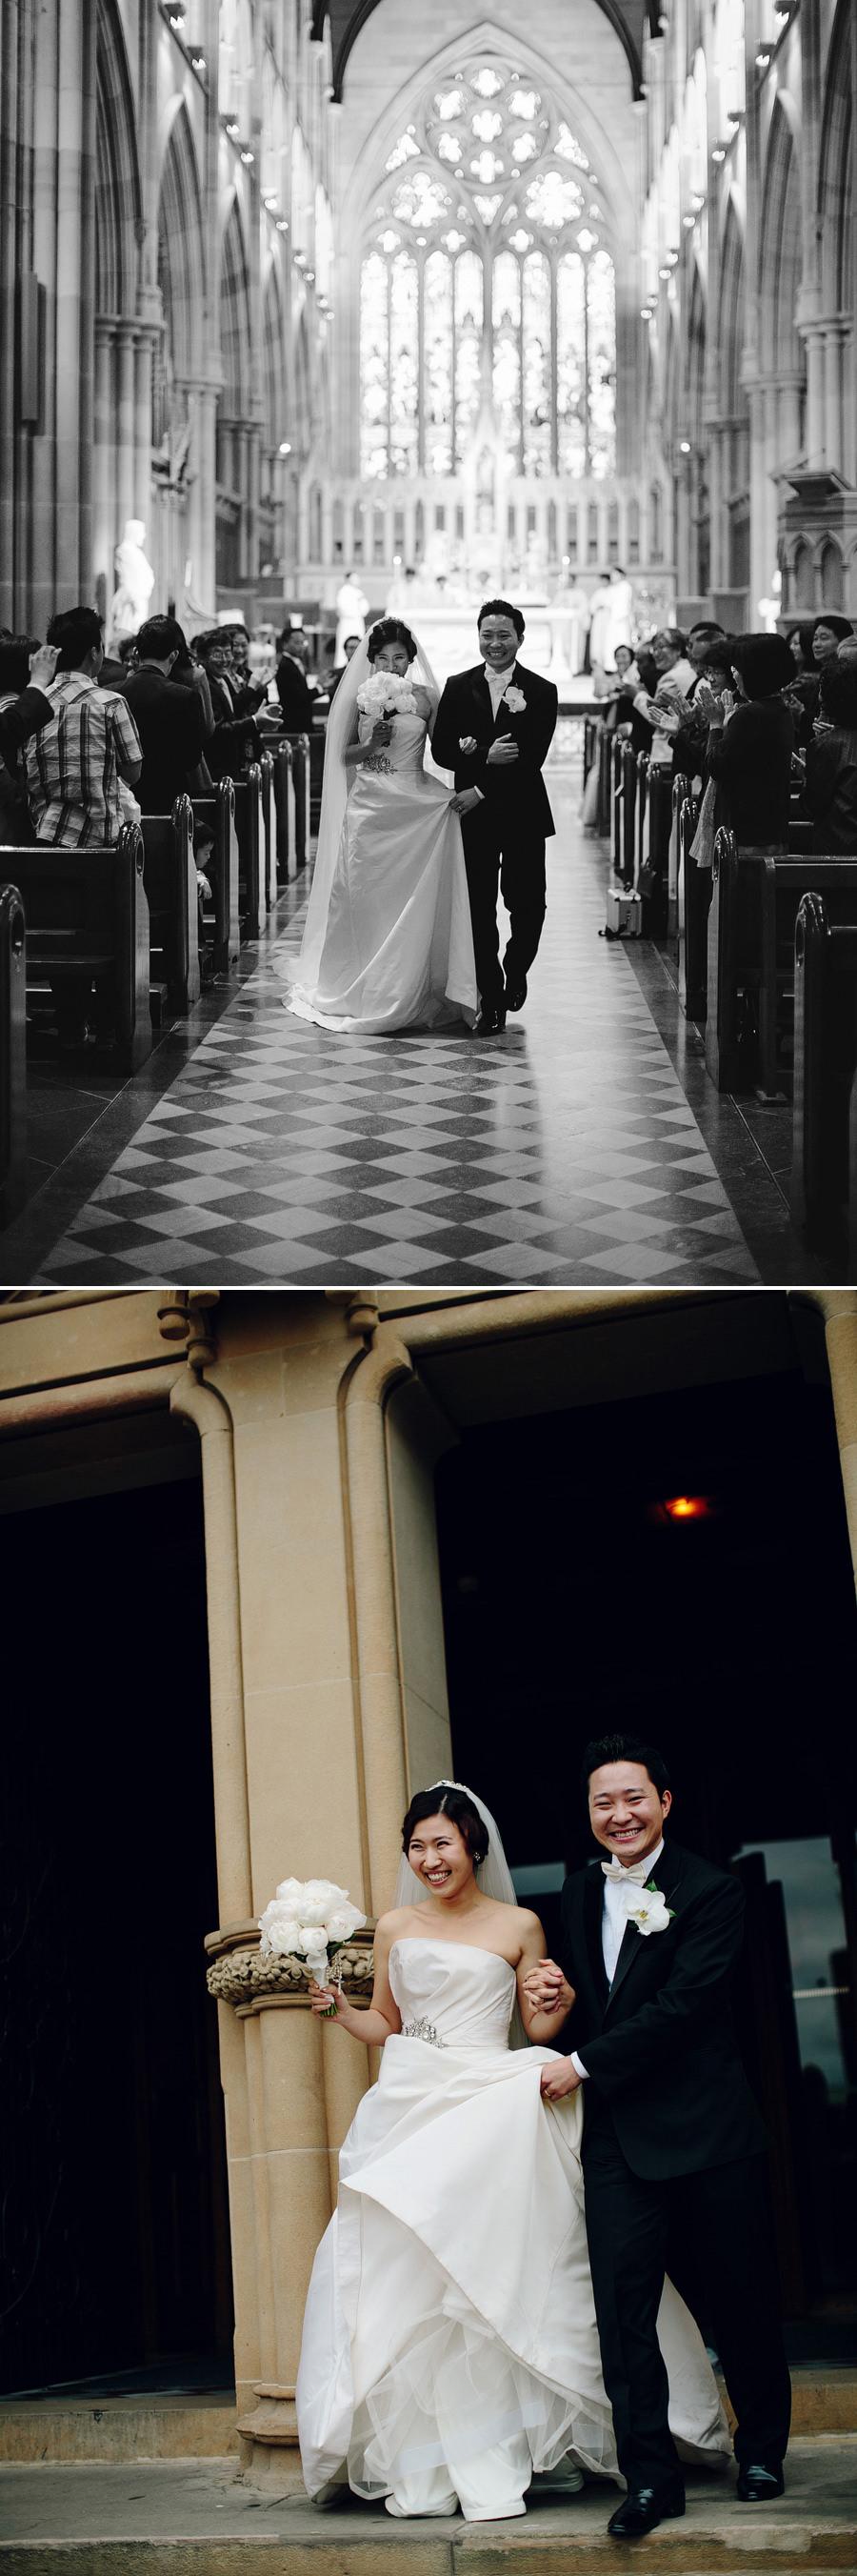 Sydney Wedding Photojournalist: Bride & Groom exiting church